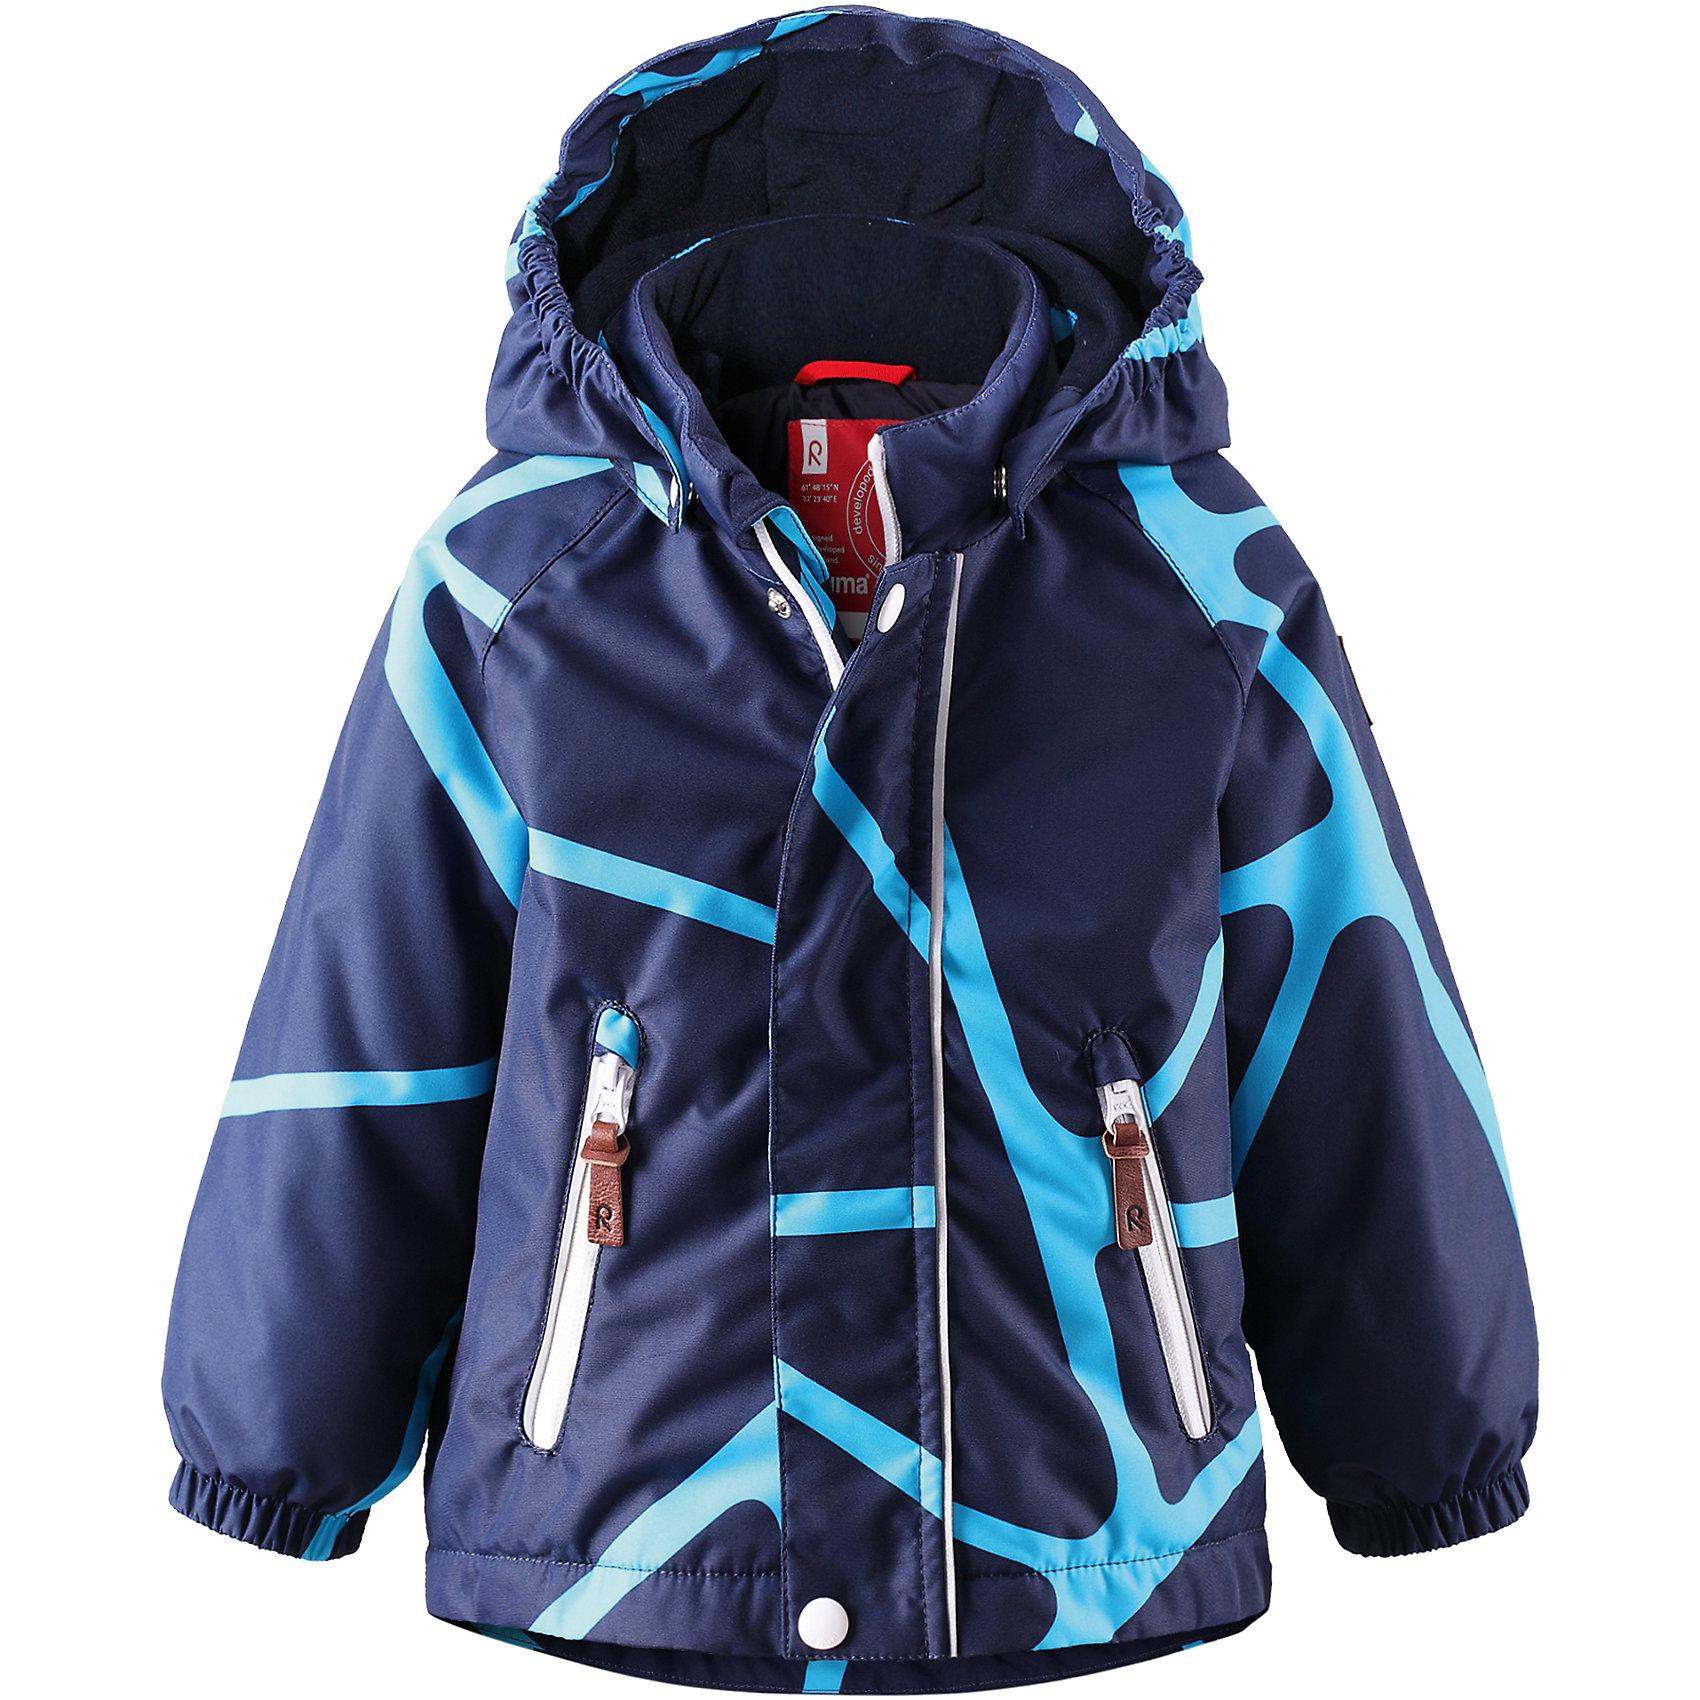 Куртка Seurue для мальчика ReimaВерхняя одежда<br>Куртка  Reima<br>Зимняя куртка для малышей. Основные швы проклеены и не пропускают влагу. Водо- и ветронепроницаемый, «дышащий» и грязеотталкивающий материал. Гладкая подкладка из полиэстра. Безопасный, съемный капюшон. Эластичные манжеты. Два кармана на молнии. Безопасные светоотражающие детали.<br>Утеплитель: Reima® Soft Loft insulation,160 g<br>Уход:<br>Стирать по отдельности, вывернув наизнанку. Застегнуть молнии и липучки. Стирать моющим средством, не содержащим отбеливающие вещества. Полоскать без специального средства. Во избежание изменения цвета изделие необходимо вынуть из стиральной машинки незамедлительно после окончания программы стирки. Сушить при низкой температуре.<br>Состав:<br>100% Полиамид, полиуретановое покрытие<br><br>Ширина мм: 356<br>Глубина мм: 10<br>Высота мм: 245<br>Вес г: 519<br>Цвет: синий<br>Возраст от месяцев: 12<br>Возраст до месяцев: 18<br>Пол: Мужской<br>Возраст: Детский<br>Размер: 86,98,80,92<br>SKU: 4776011